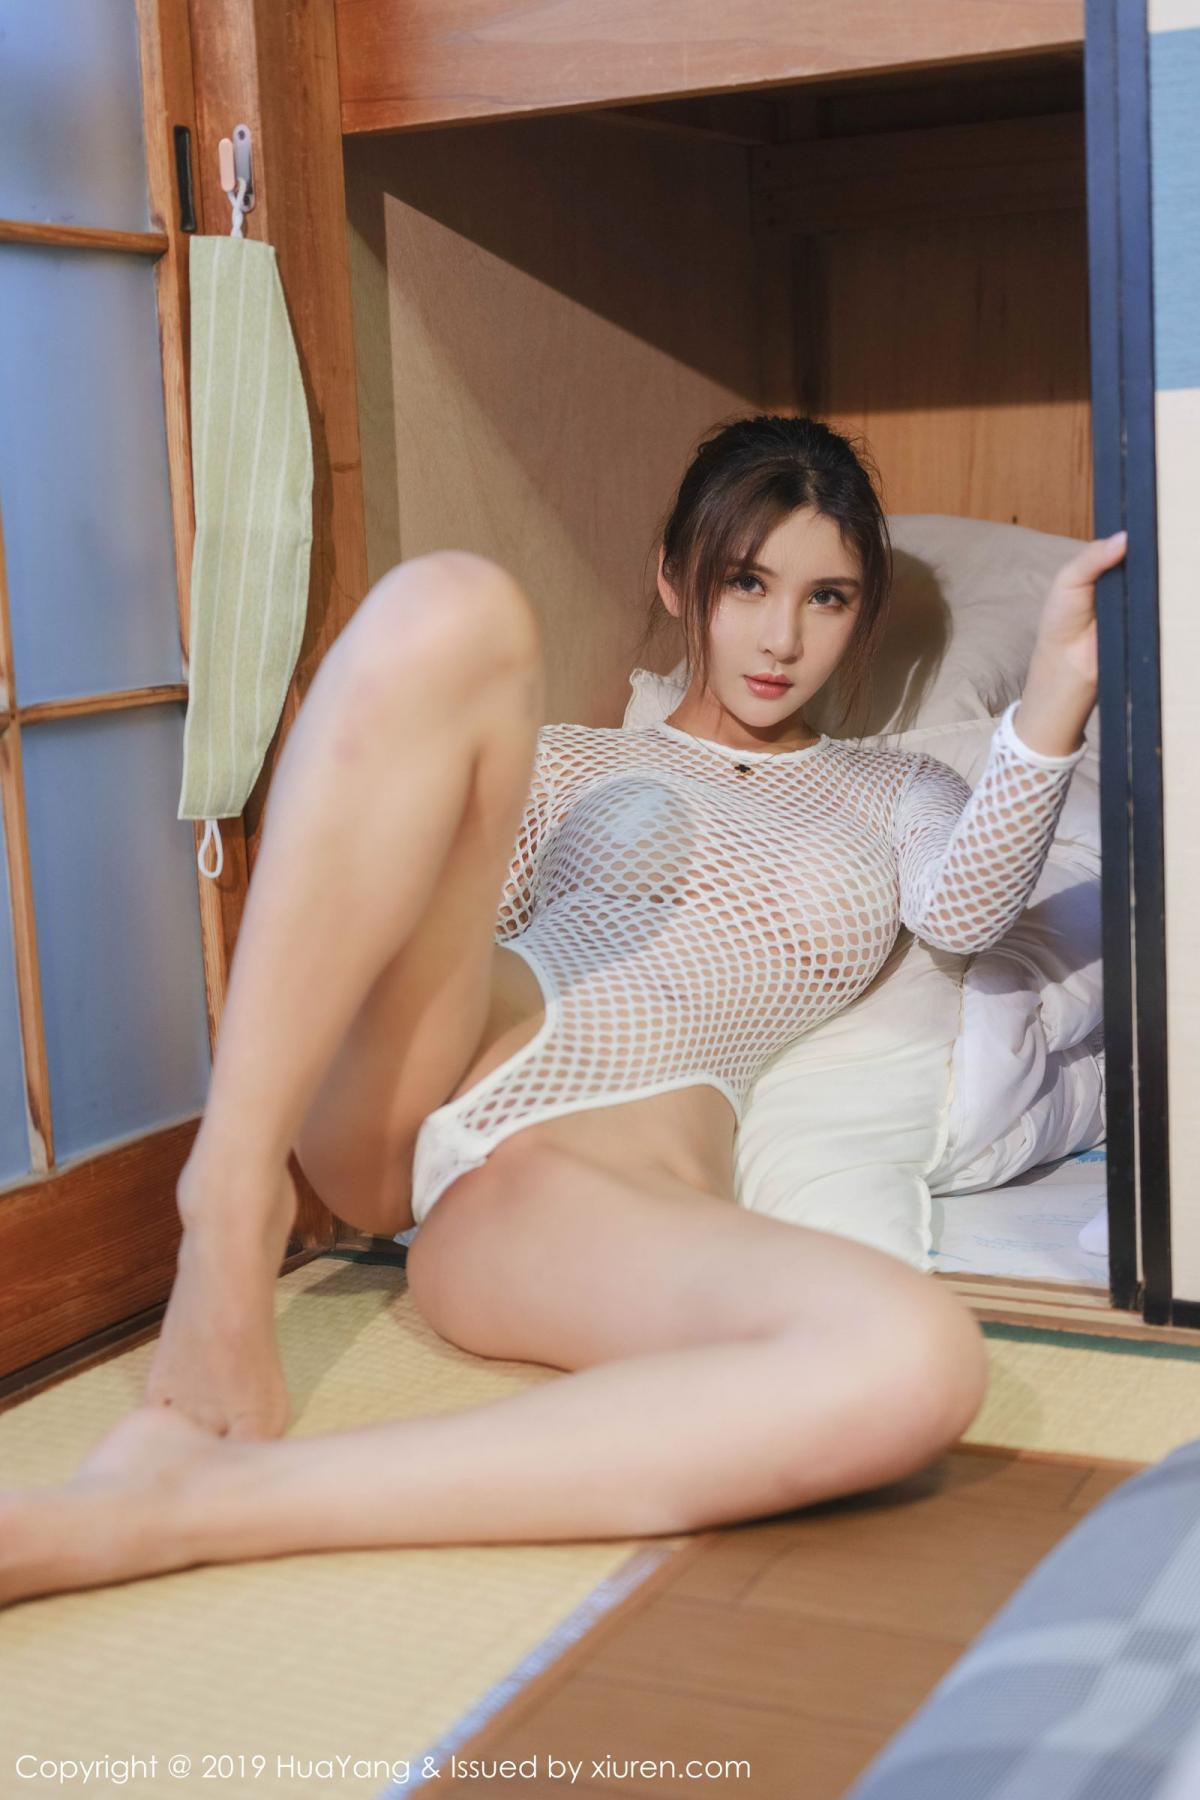 [Huayang] Vol.107 Solo Yi Fei 9P, HuaYang, Solo Yi Fei